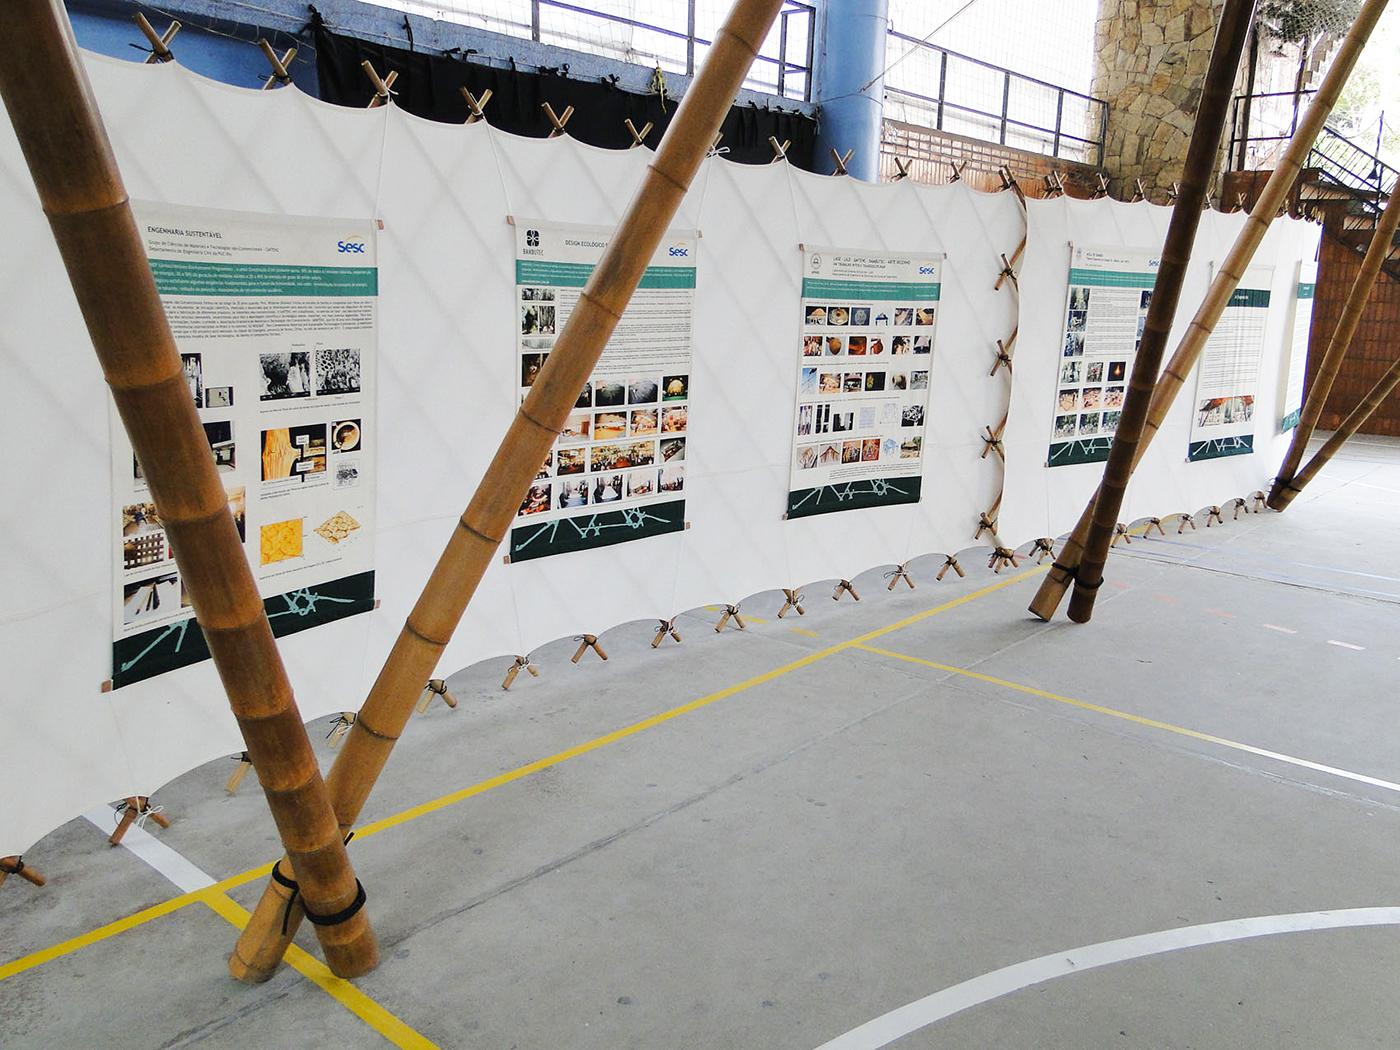 22-Exposição-Estruturas-de-Bambu-Sesc-Teresópolis.jpg